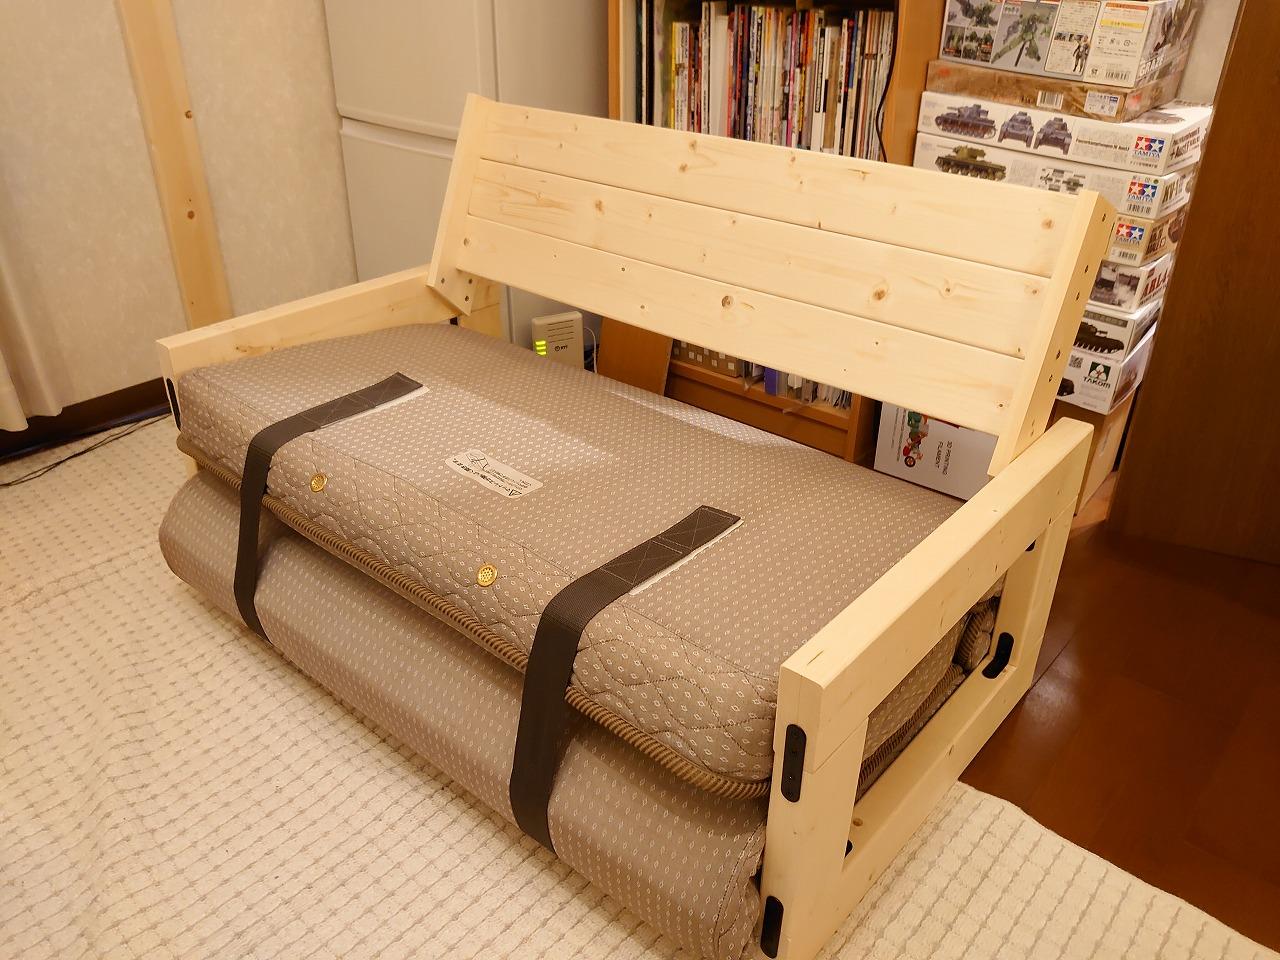 シングルベッド用のマットレスを再利用してソファーベッドを自作してみた